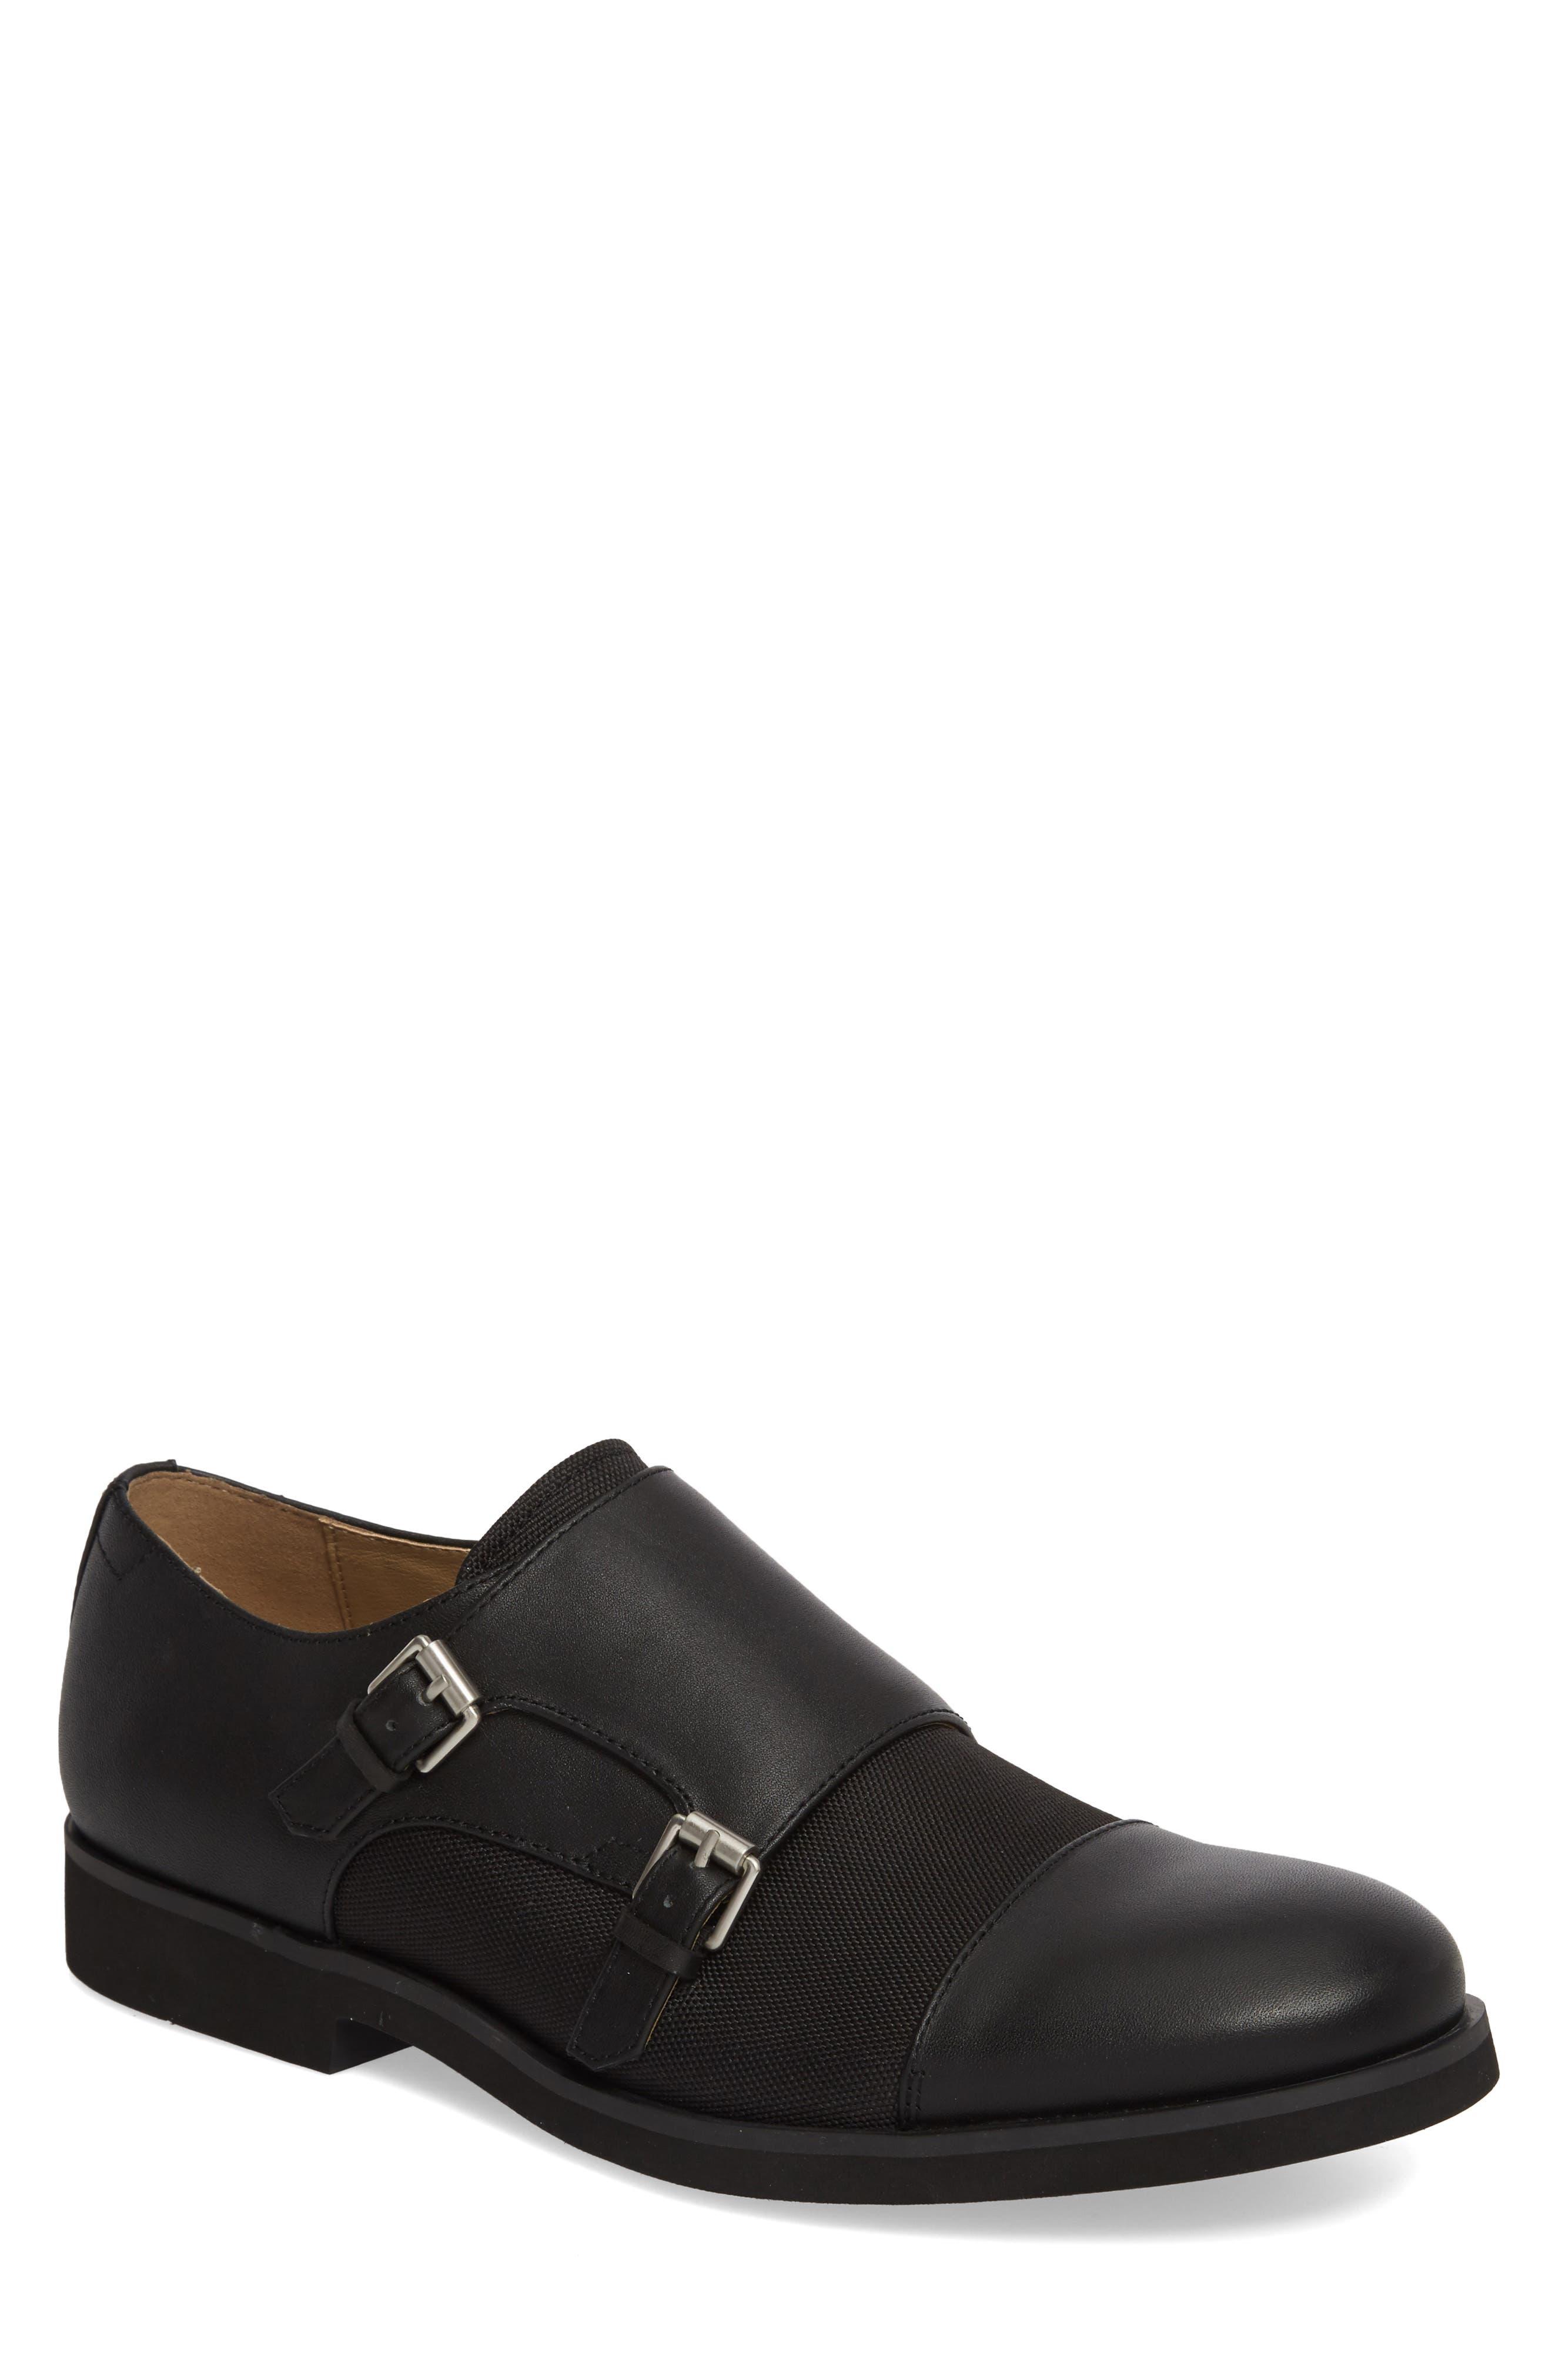 Finch Double Monk Strap Shoe,                         Main,                         color, 001